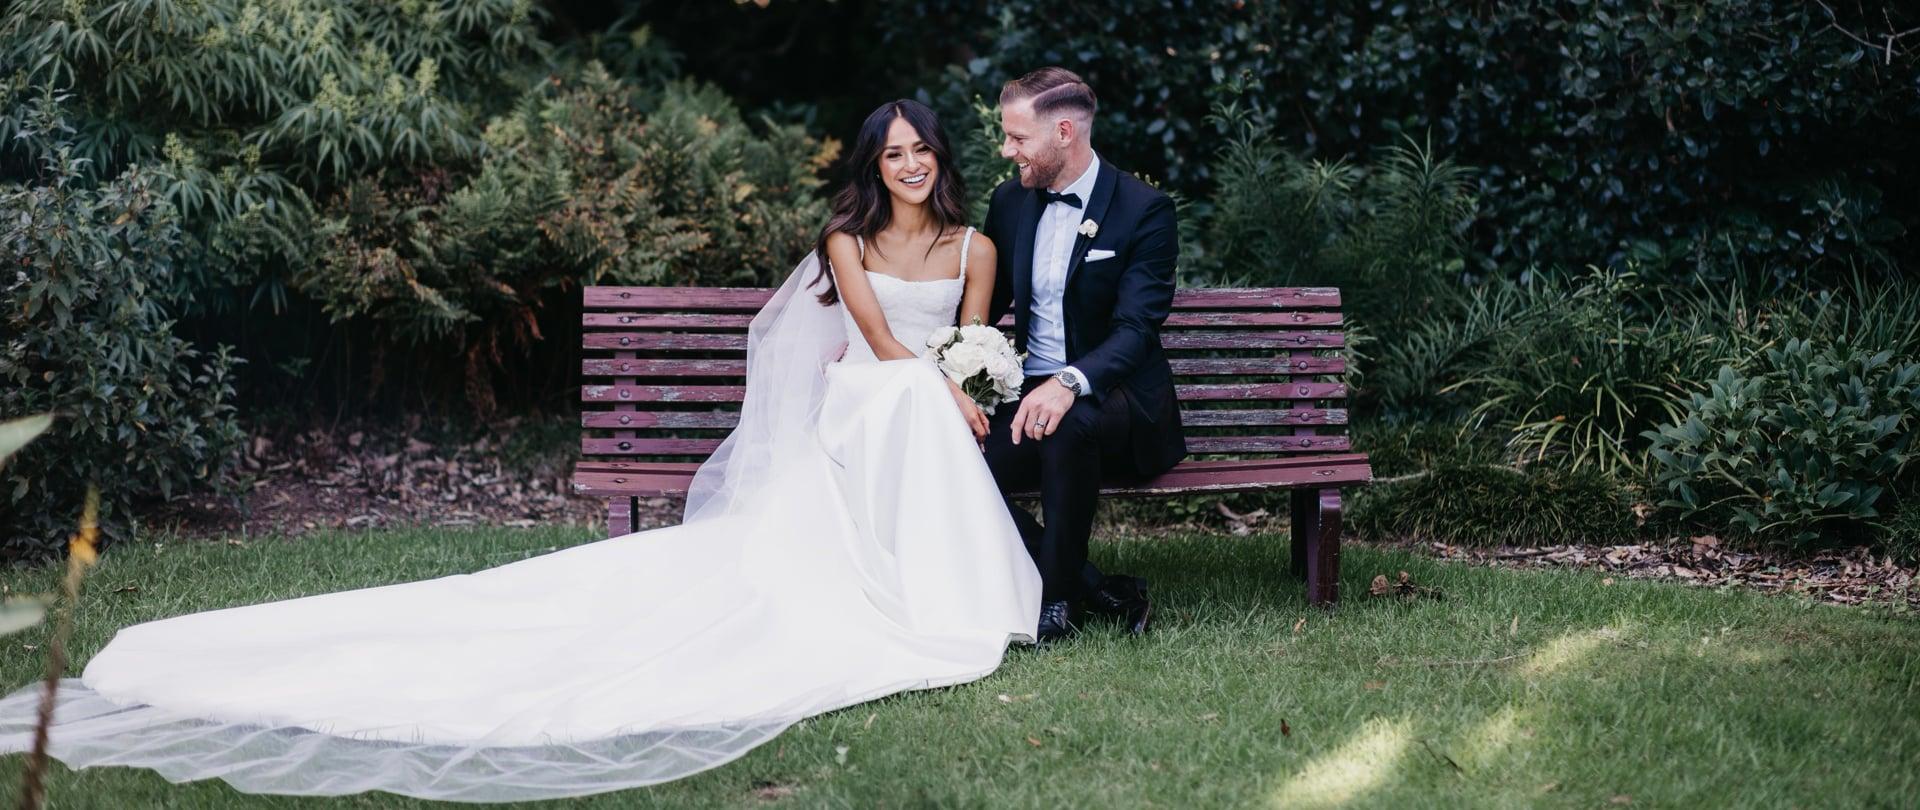 Natalie & Sam Wedding Video Filmed at Melbourne, Victoria